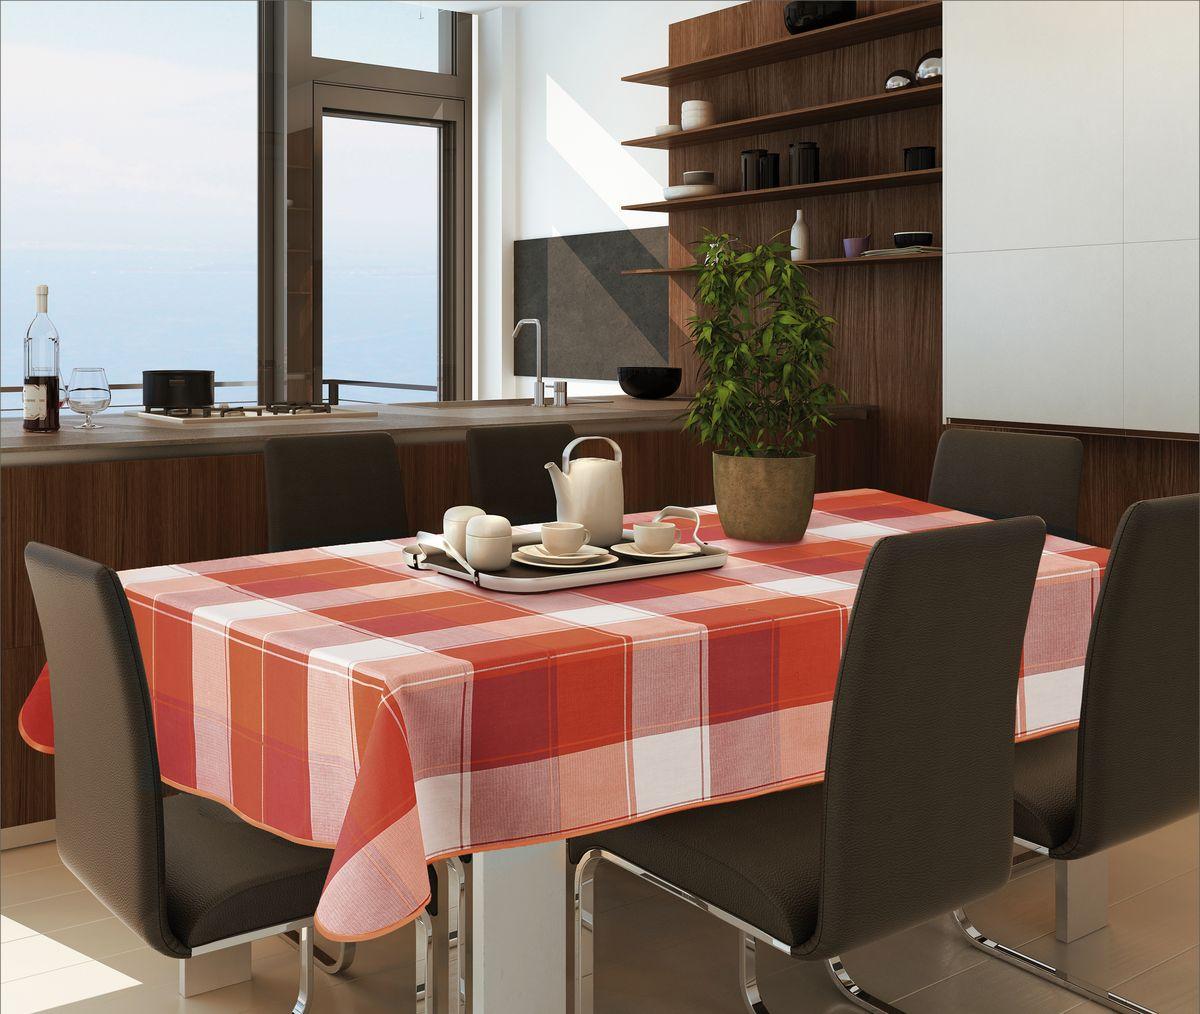 Скатерть Wisan, прямоугольная, цвет: терракотовый, 130 х 160 см335ВСкатерть выполнена в европейском стиле,ткань плотная.